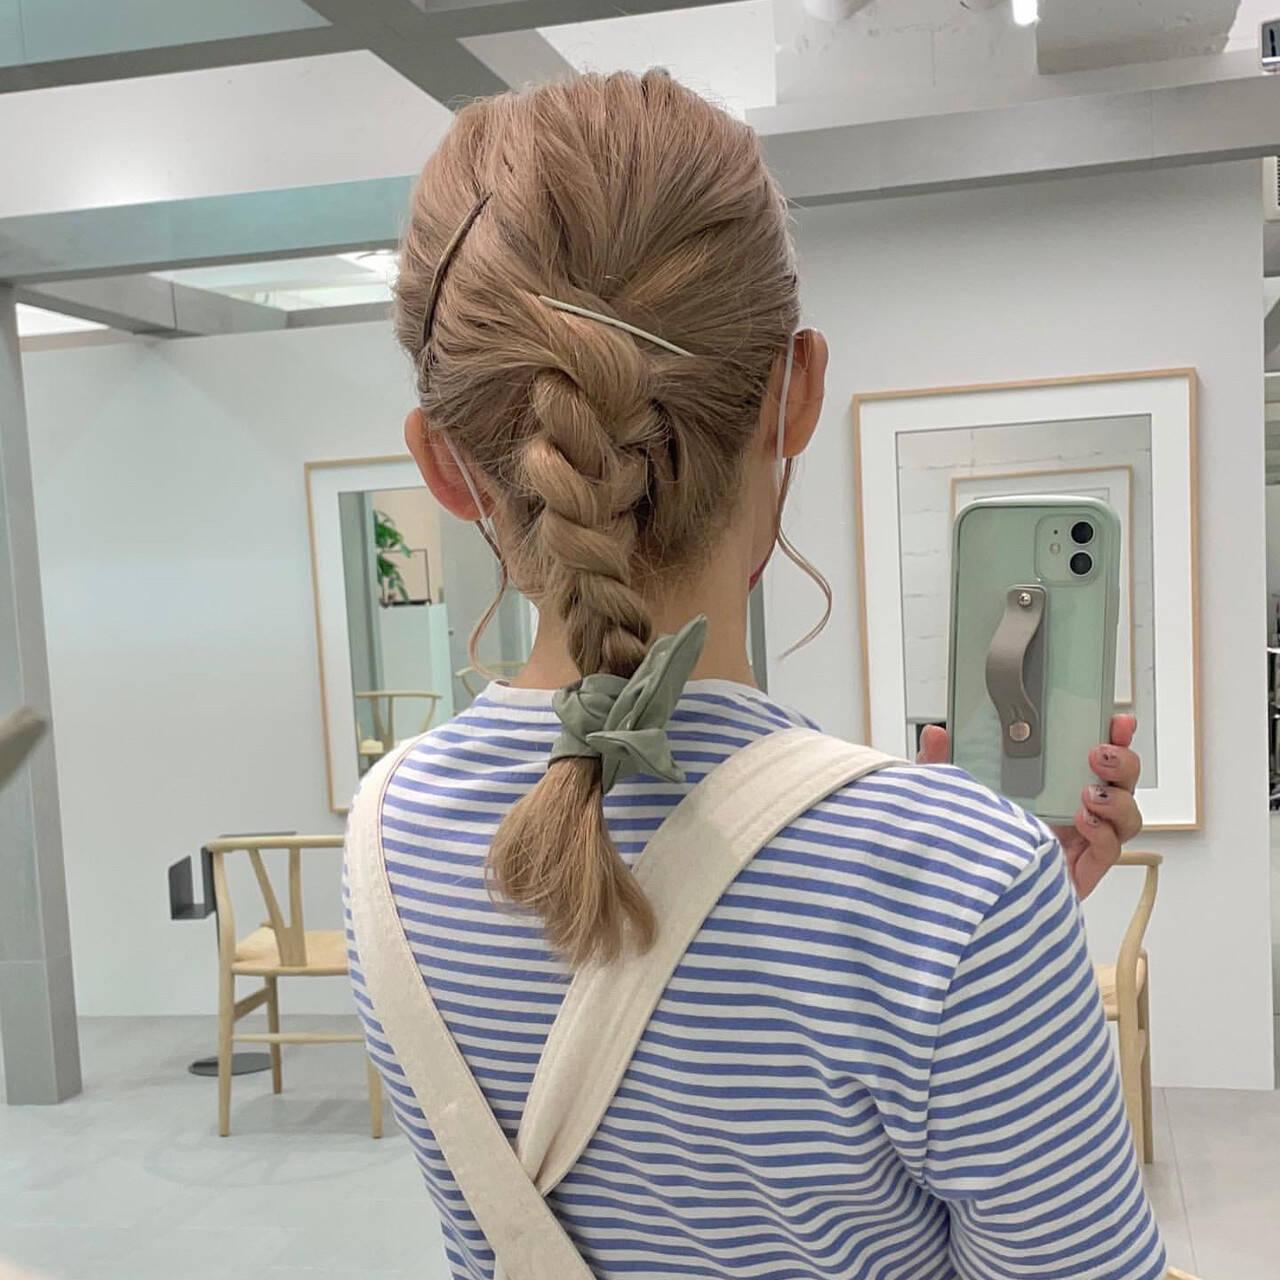 セミロング 編みおろしヘア ストリート ポニーテールアレンジヘアスタイルや髪型の写真・画像